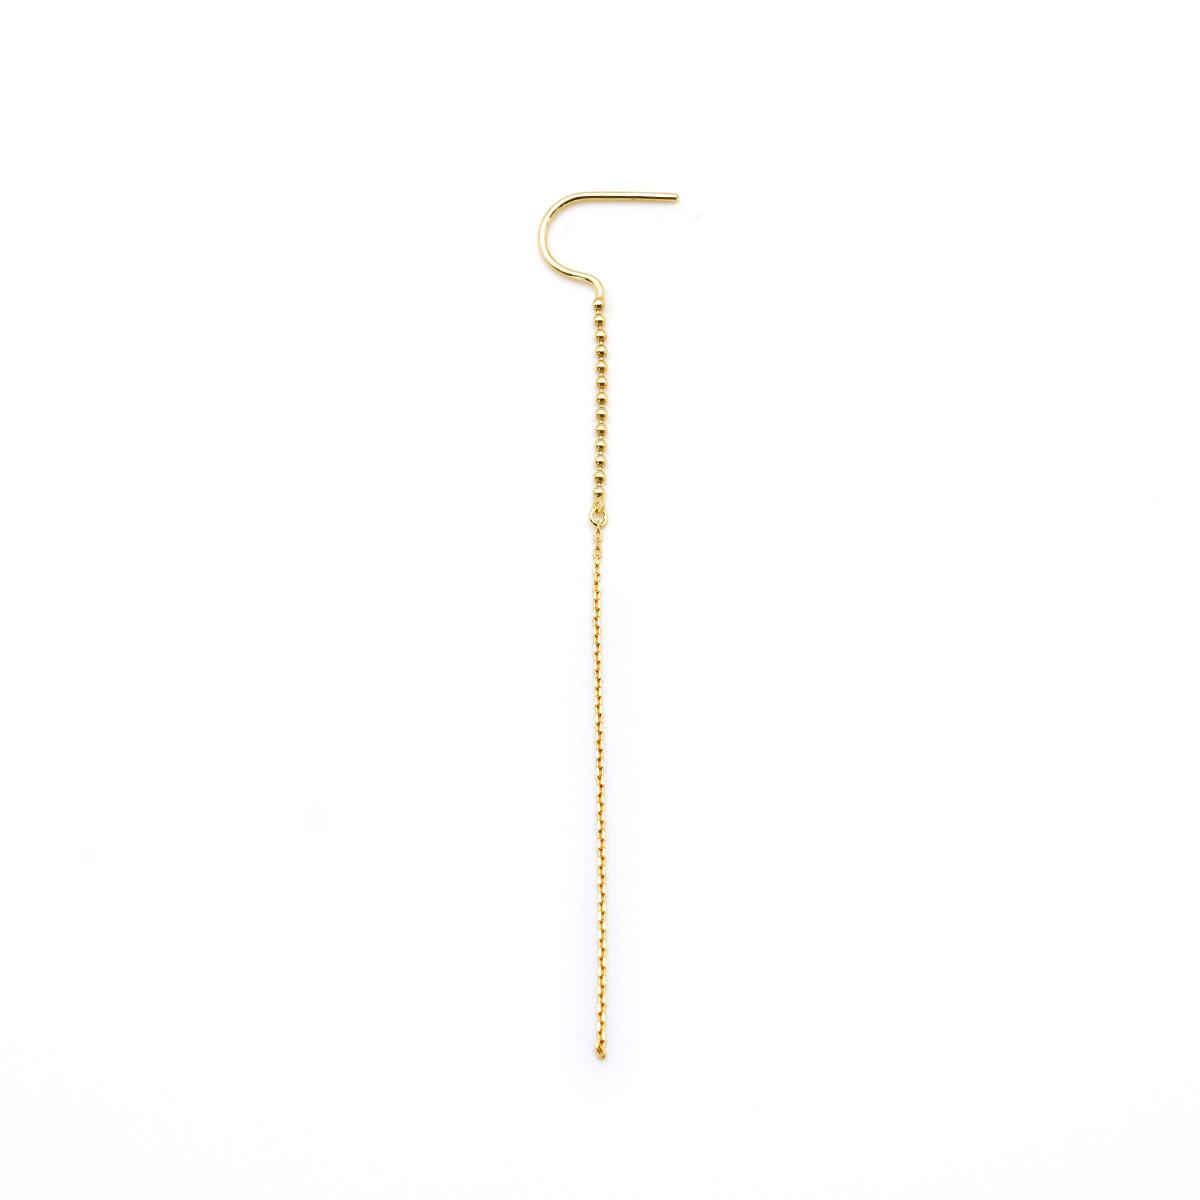 Swing Ballazuki Earring S